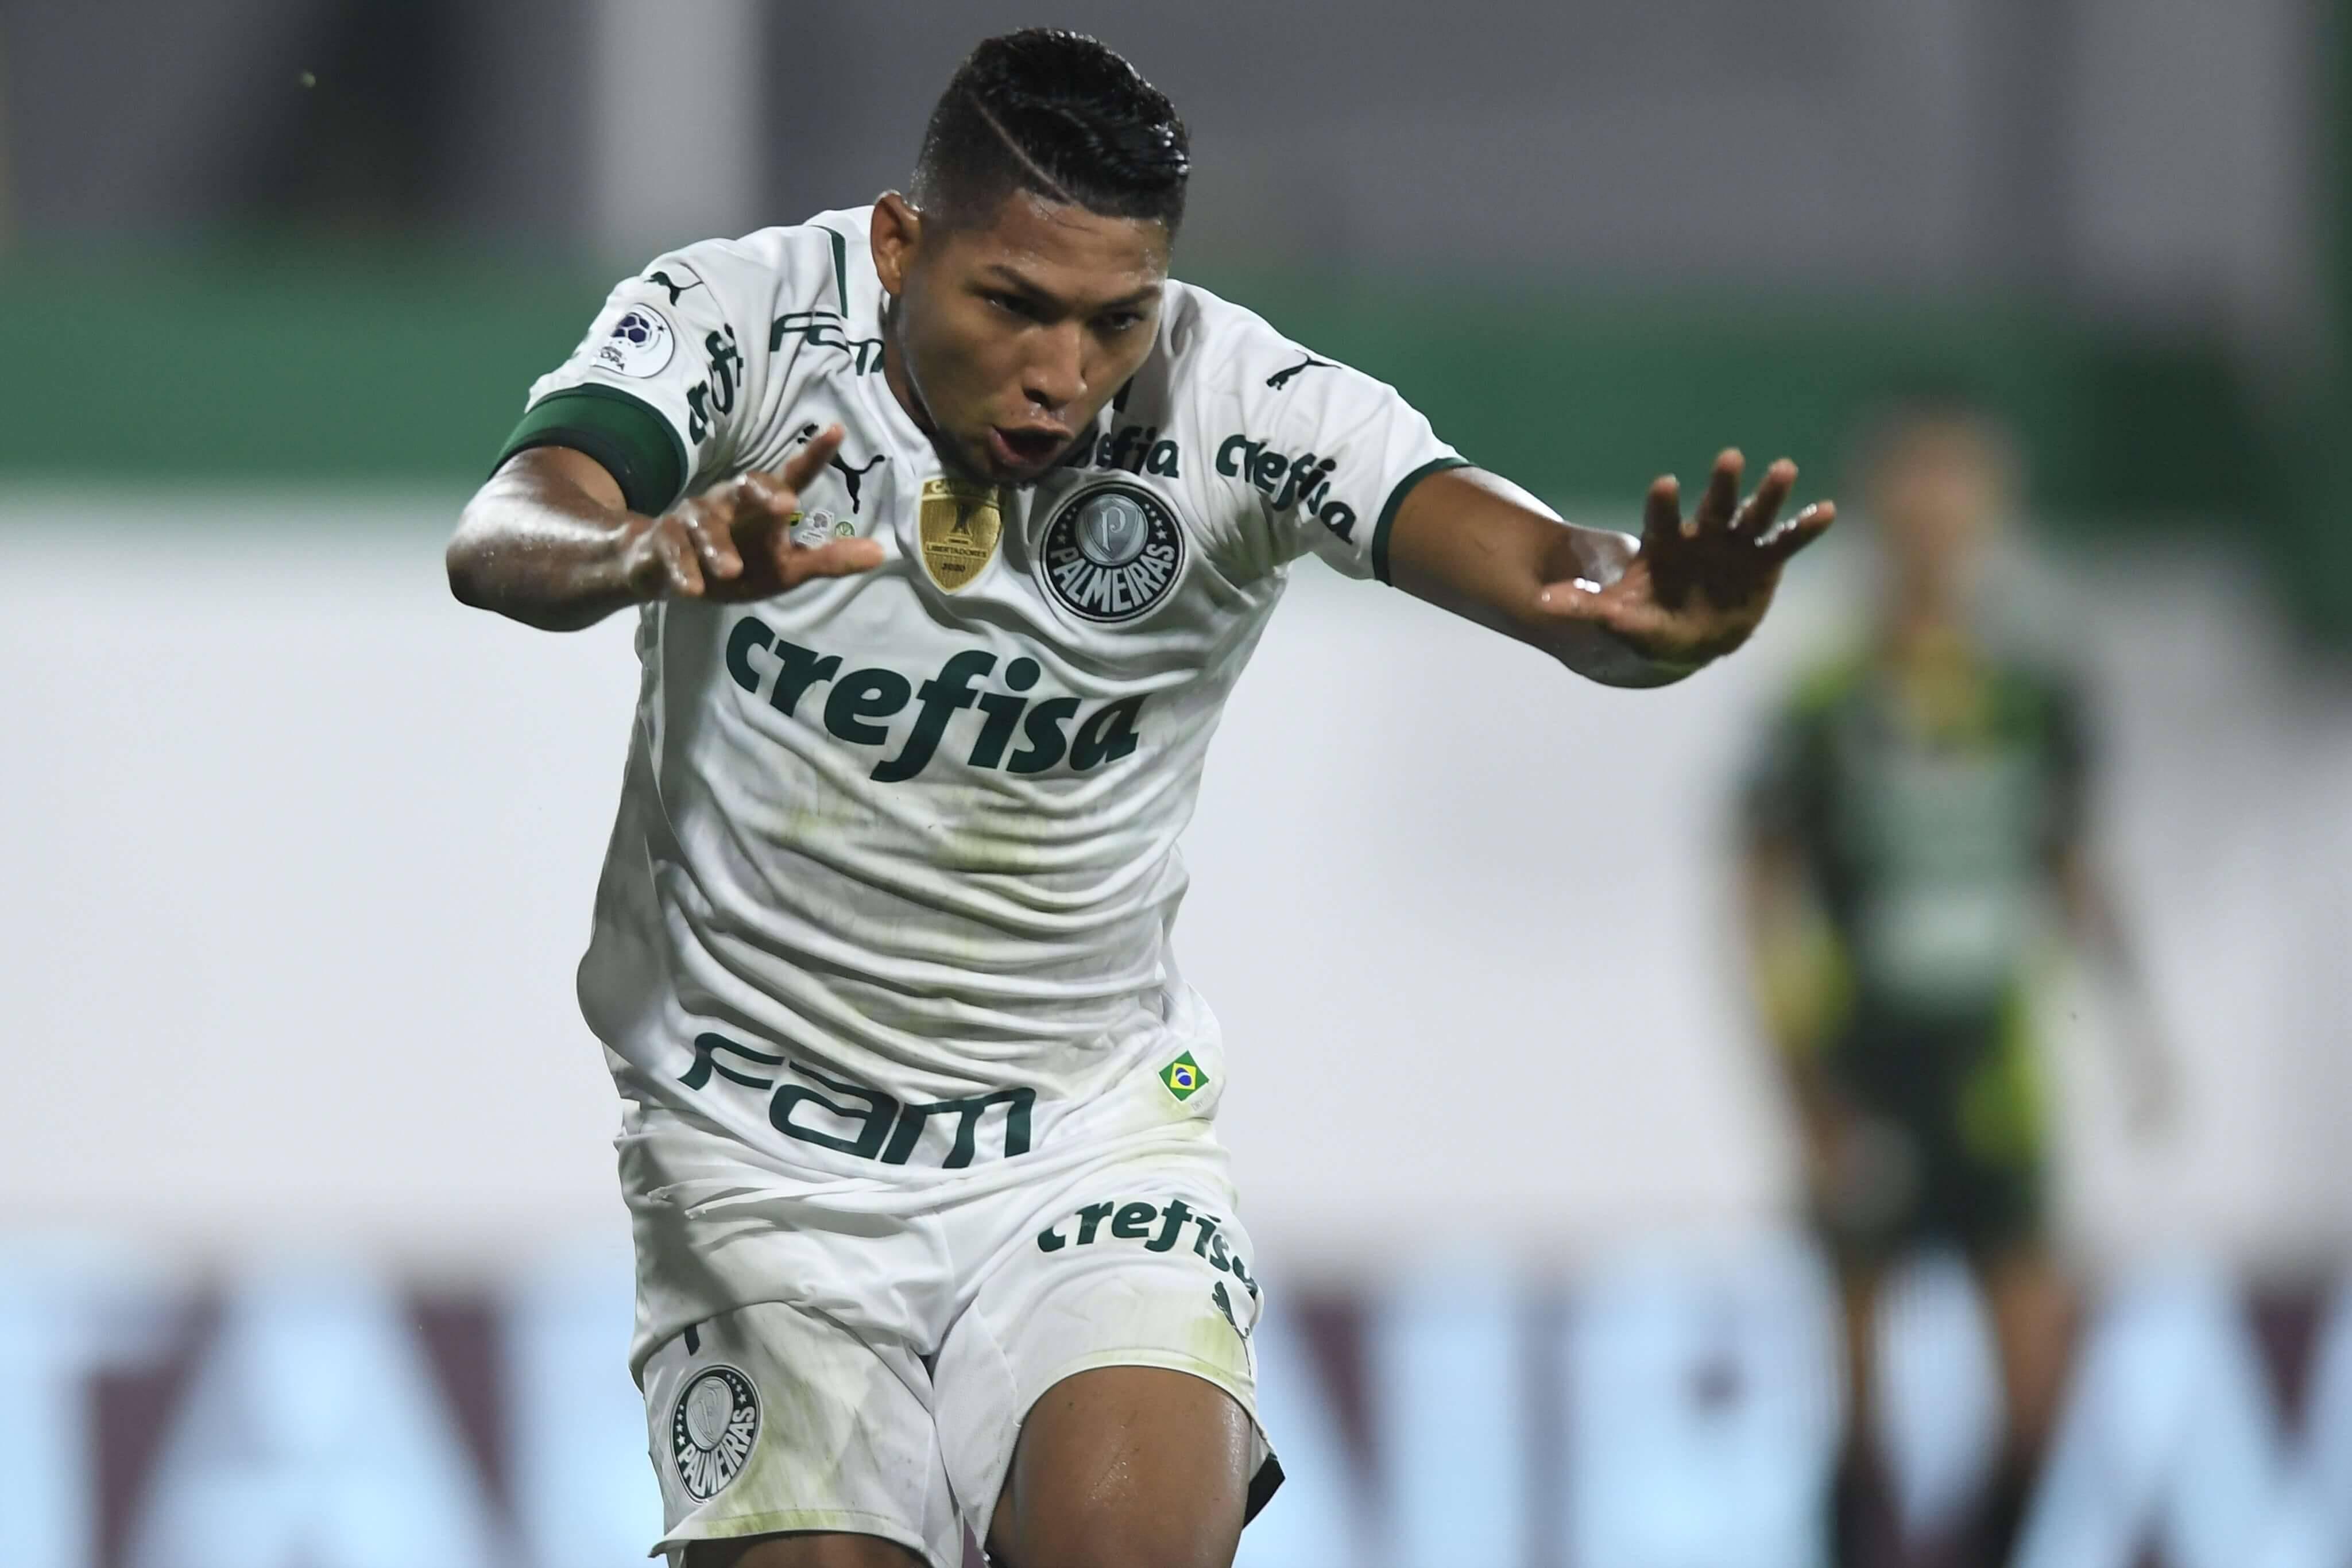 Defensa x Palmeiras. Foto: Reprodução / Twitter Conmebol